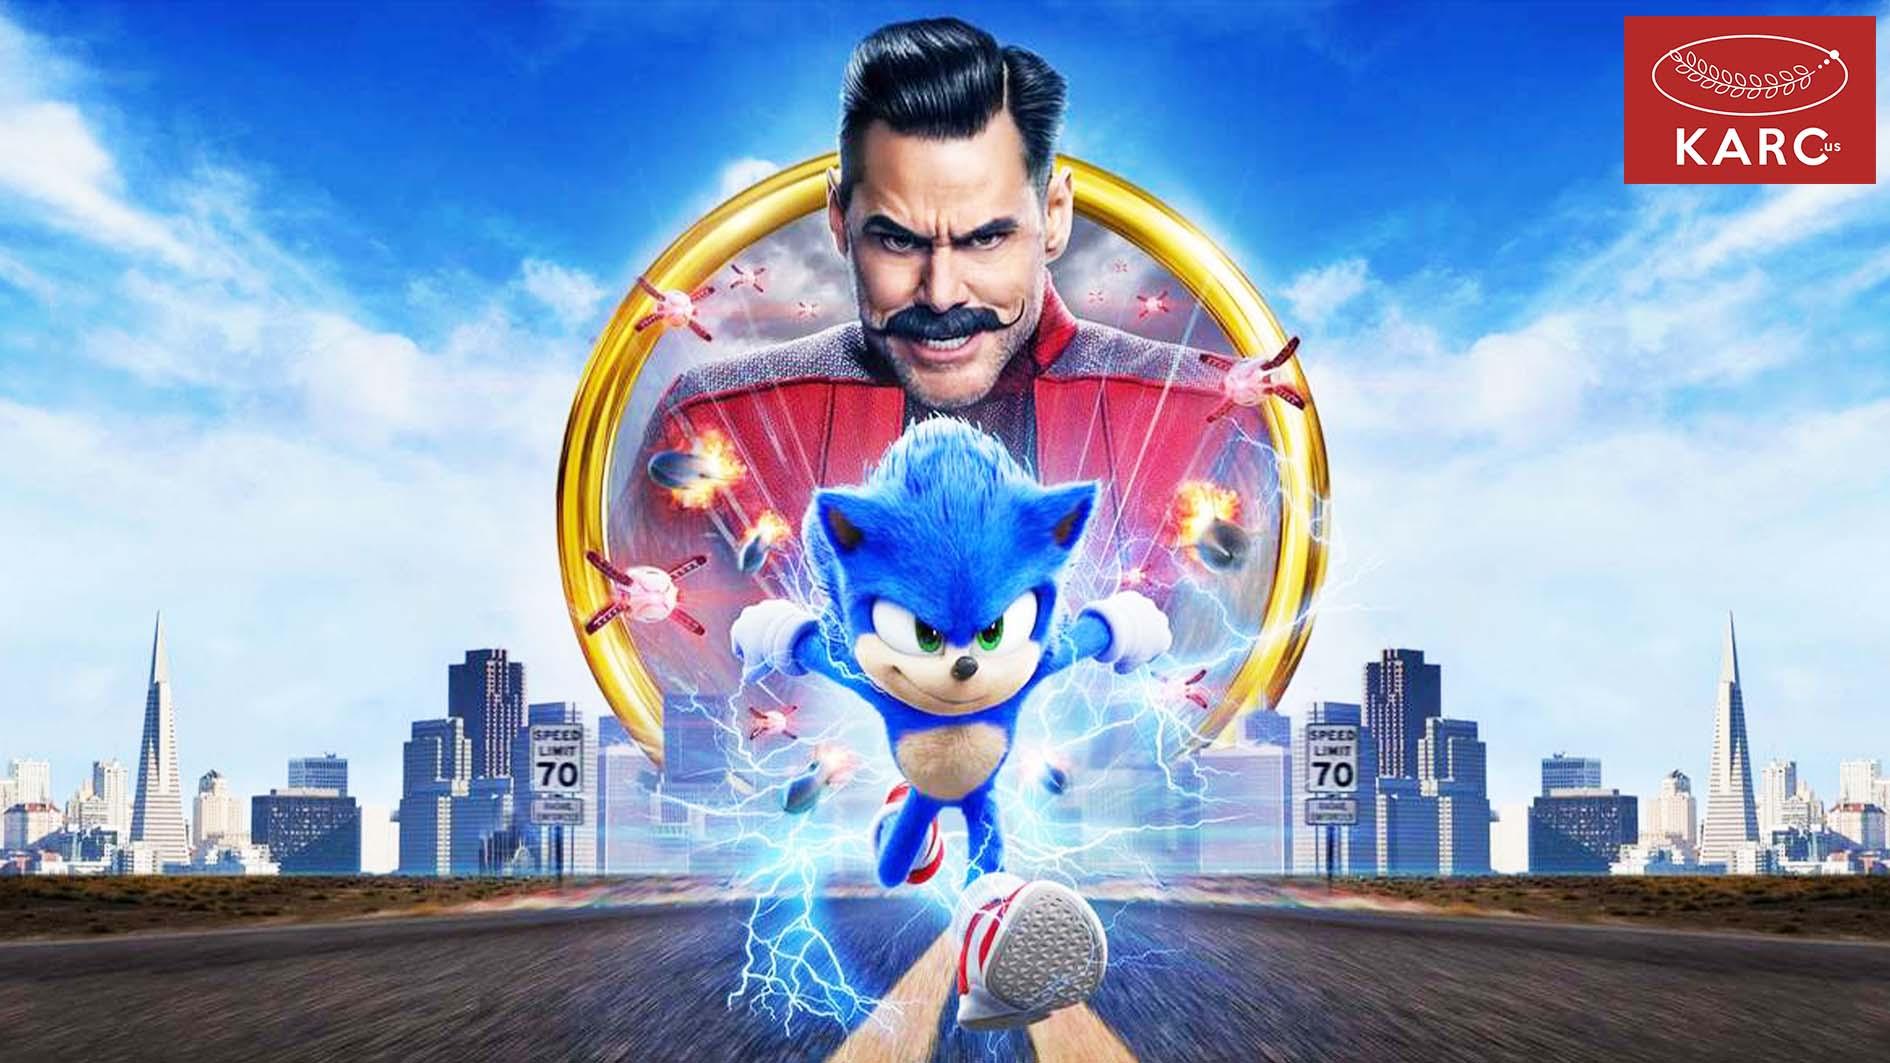 รีวิวภาพยนตร์ -- Sonic the Hedgehog 2020 เม่นสายฟ้ามาแล้วจ้า - Karc.us